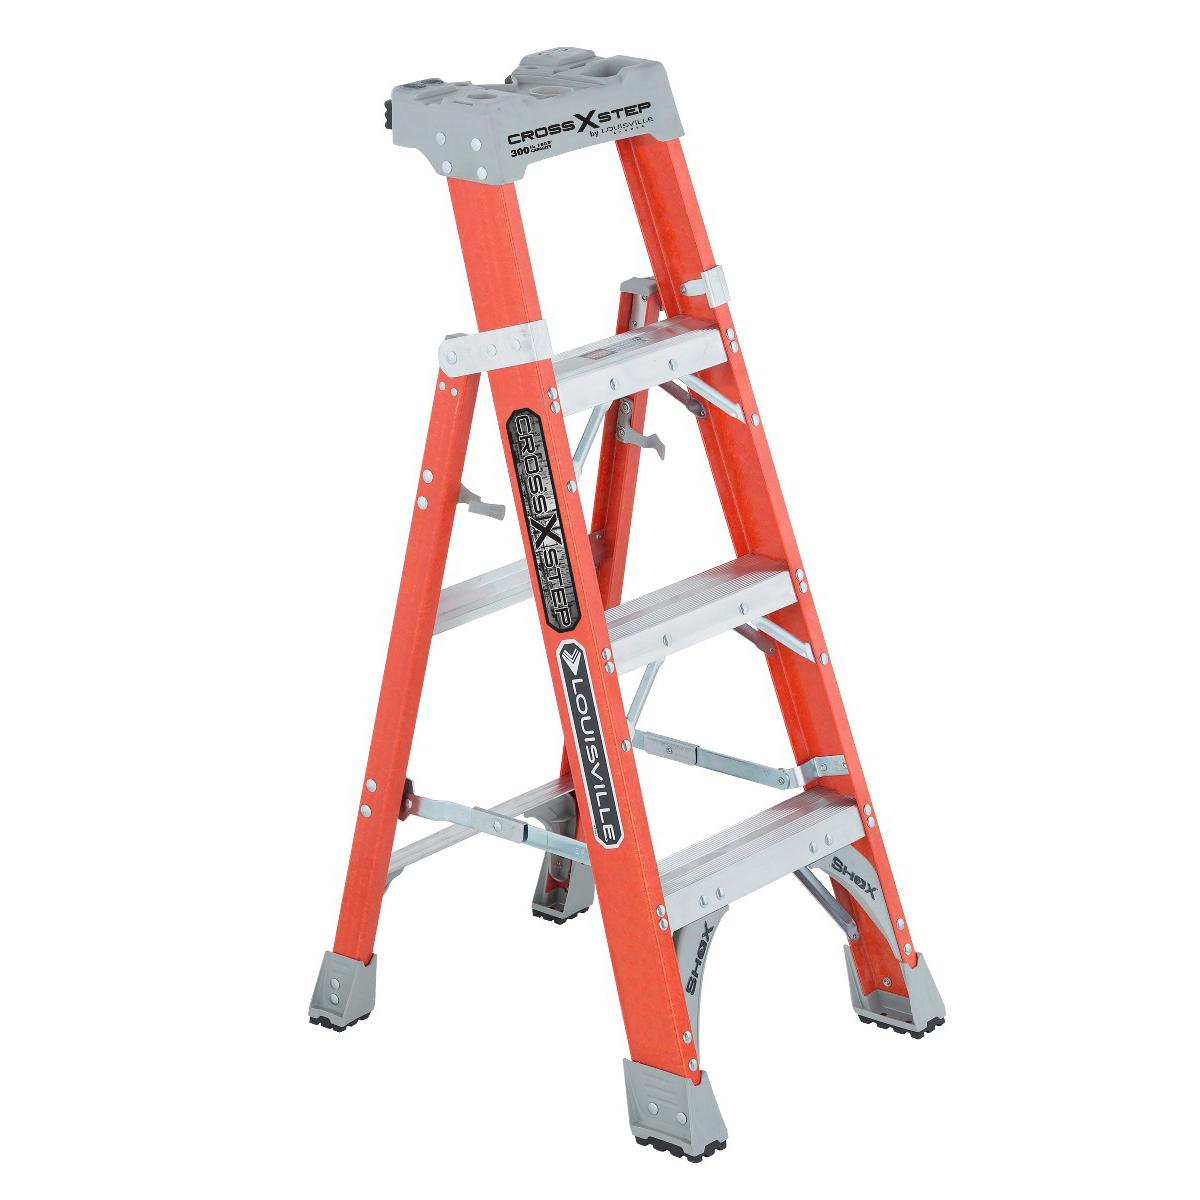 Louisville Ladder(ルイスビルラダー) ファイバーはしご脚立クロスステップ[ オレンジ]耐荷重135kg【4ft(120cm)】